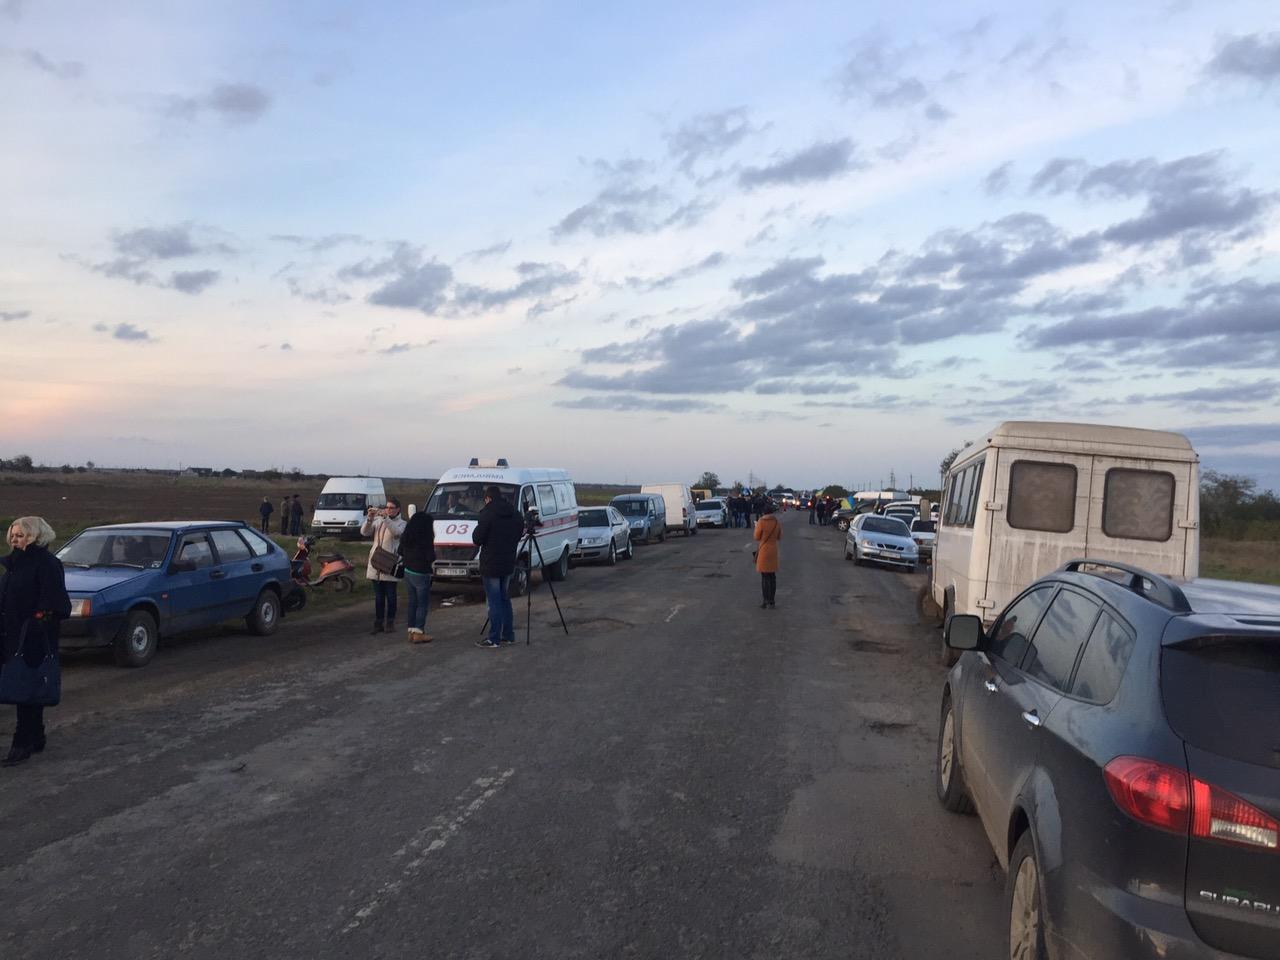 0-02-05-63b97faf7762d1149c287f7925ef0660da1f03eb2d0fb1574399229ced5bfdd1_full Саакашвили пообещал в течении 48 часов разблокировать ремонт дороги Килия-Спасское